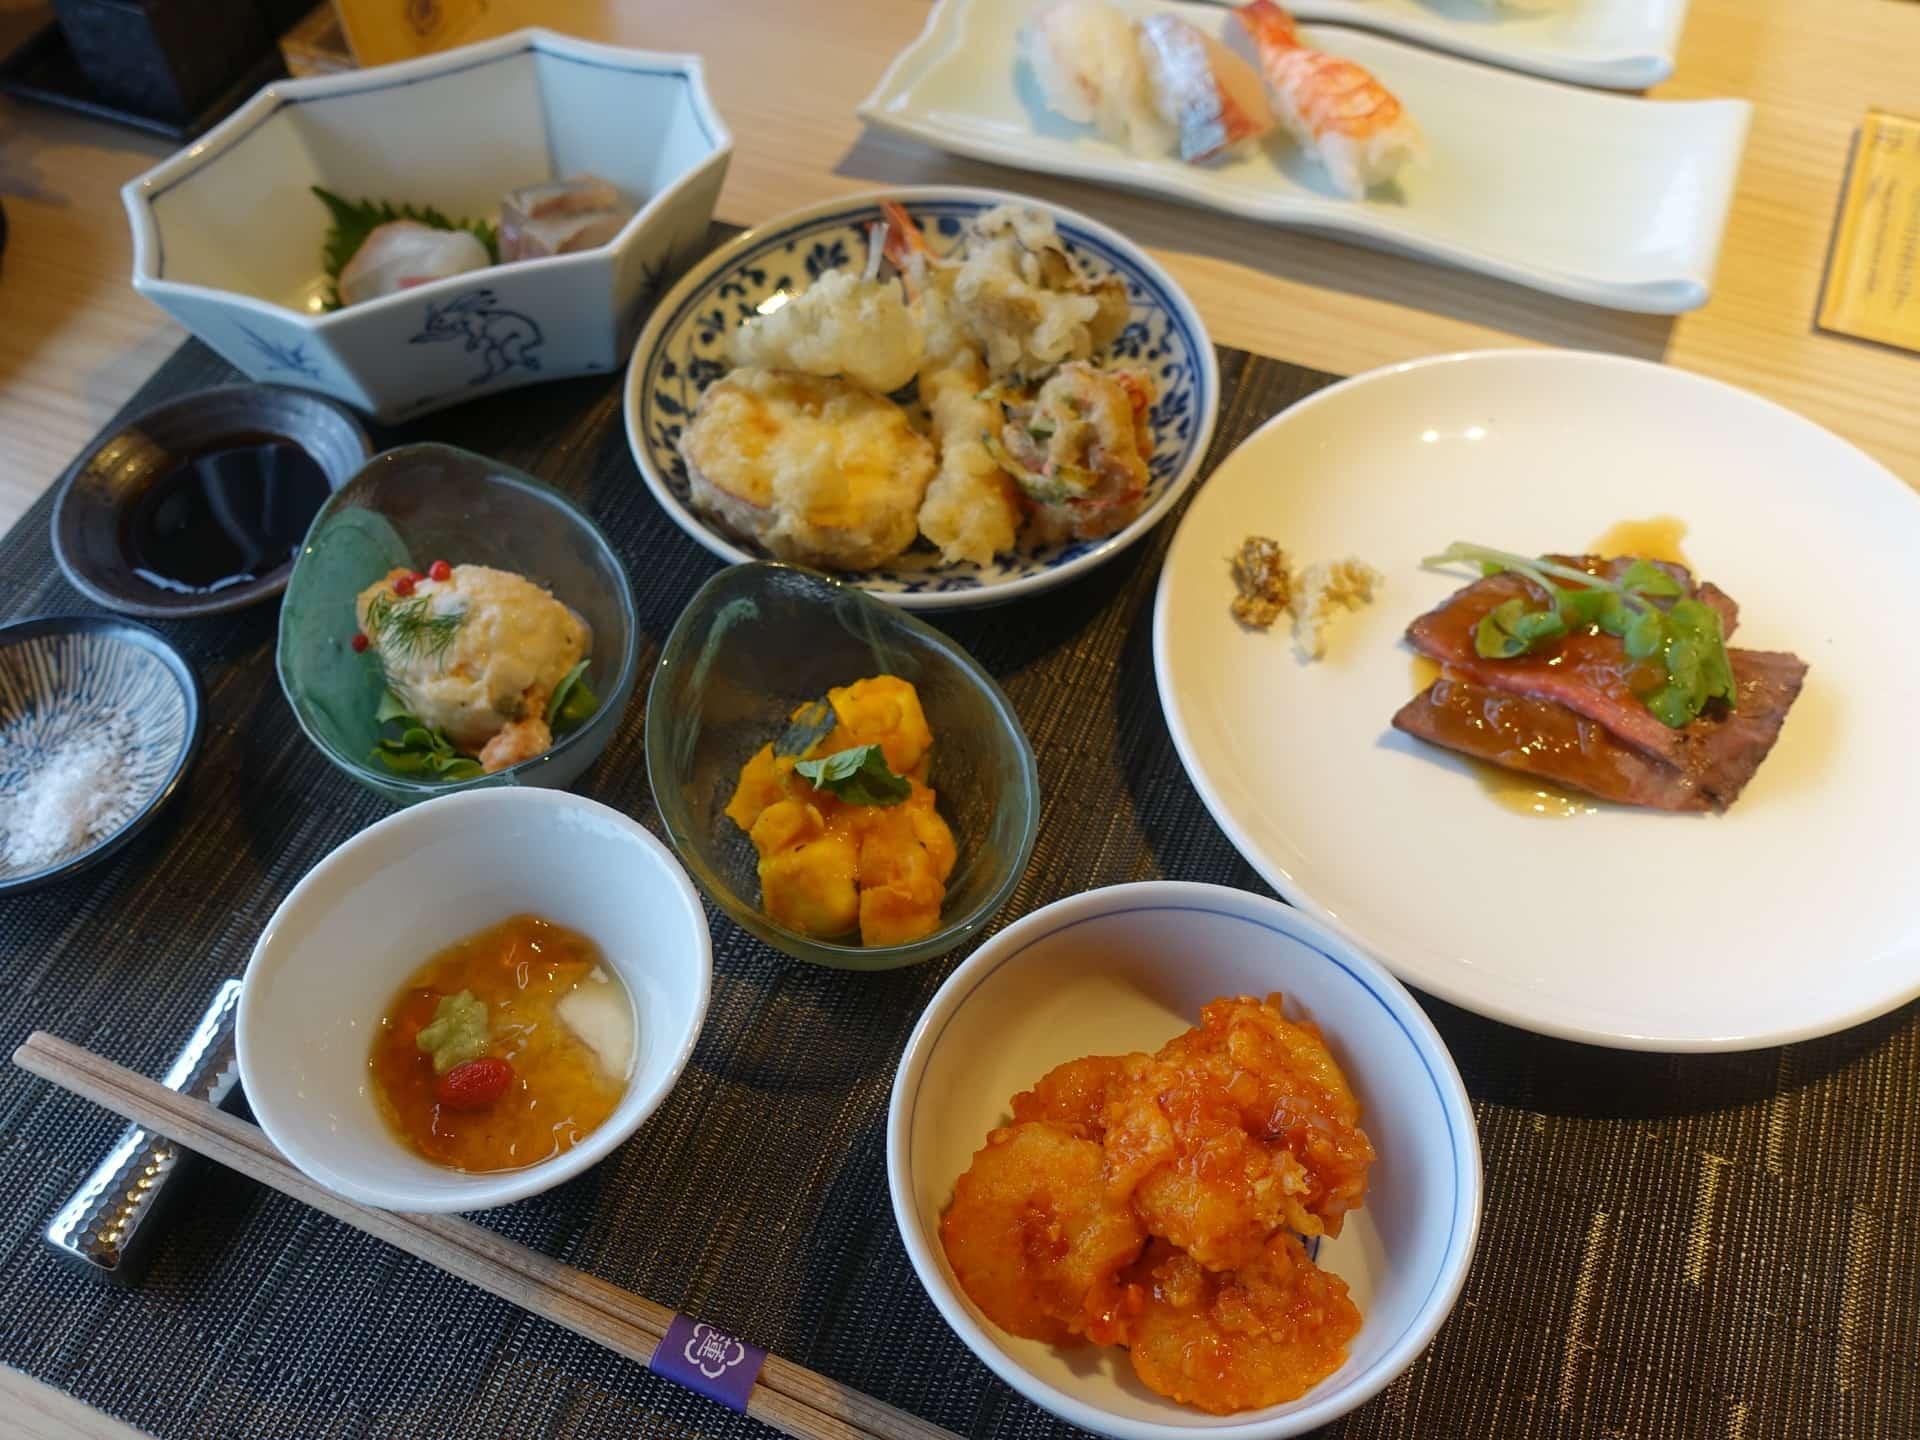 宿泊者限定の豪華ビュッフェ。神戸みなと温泉 蓮「万蓮」の夕食バイキングがすごい!天ぷらも寿司も食べ放題